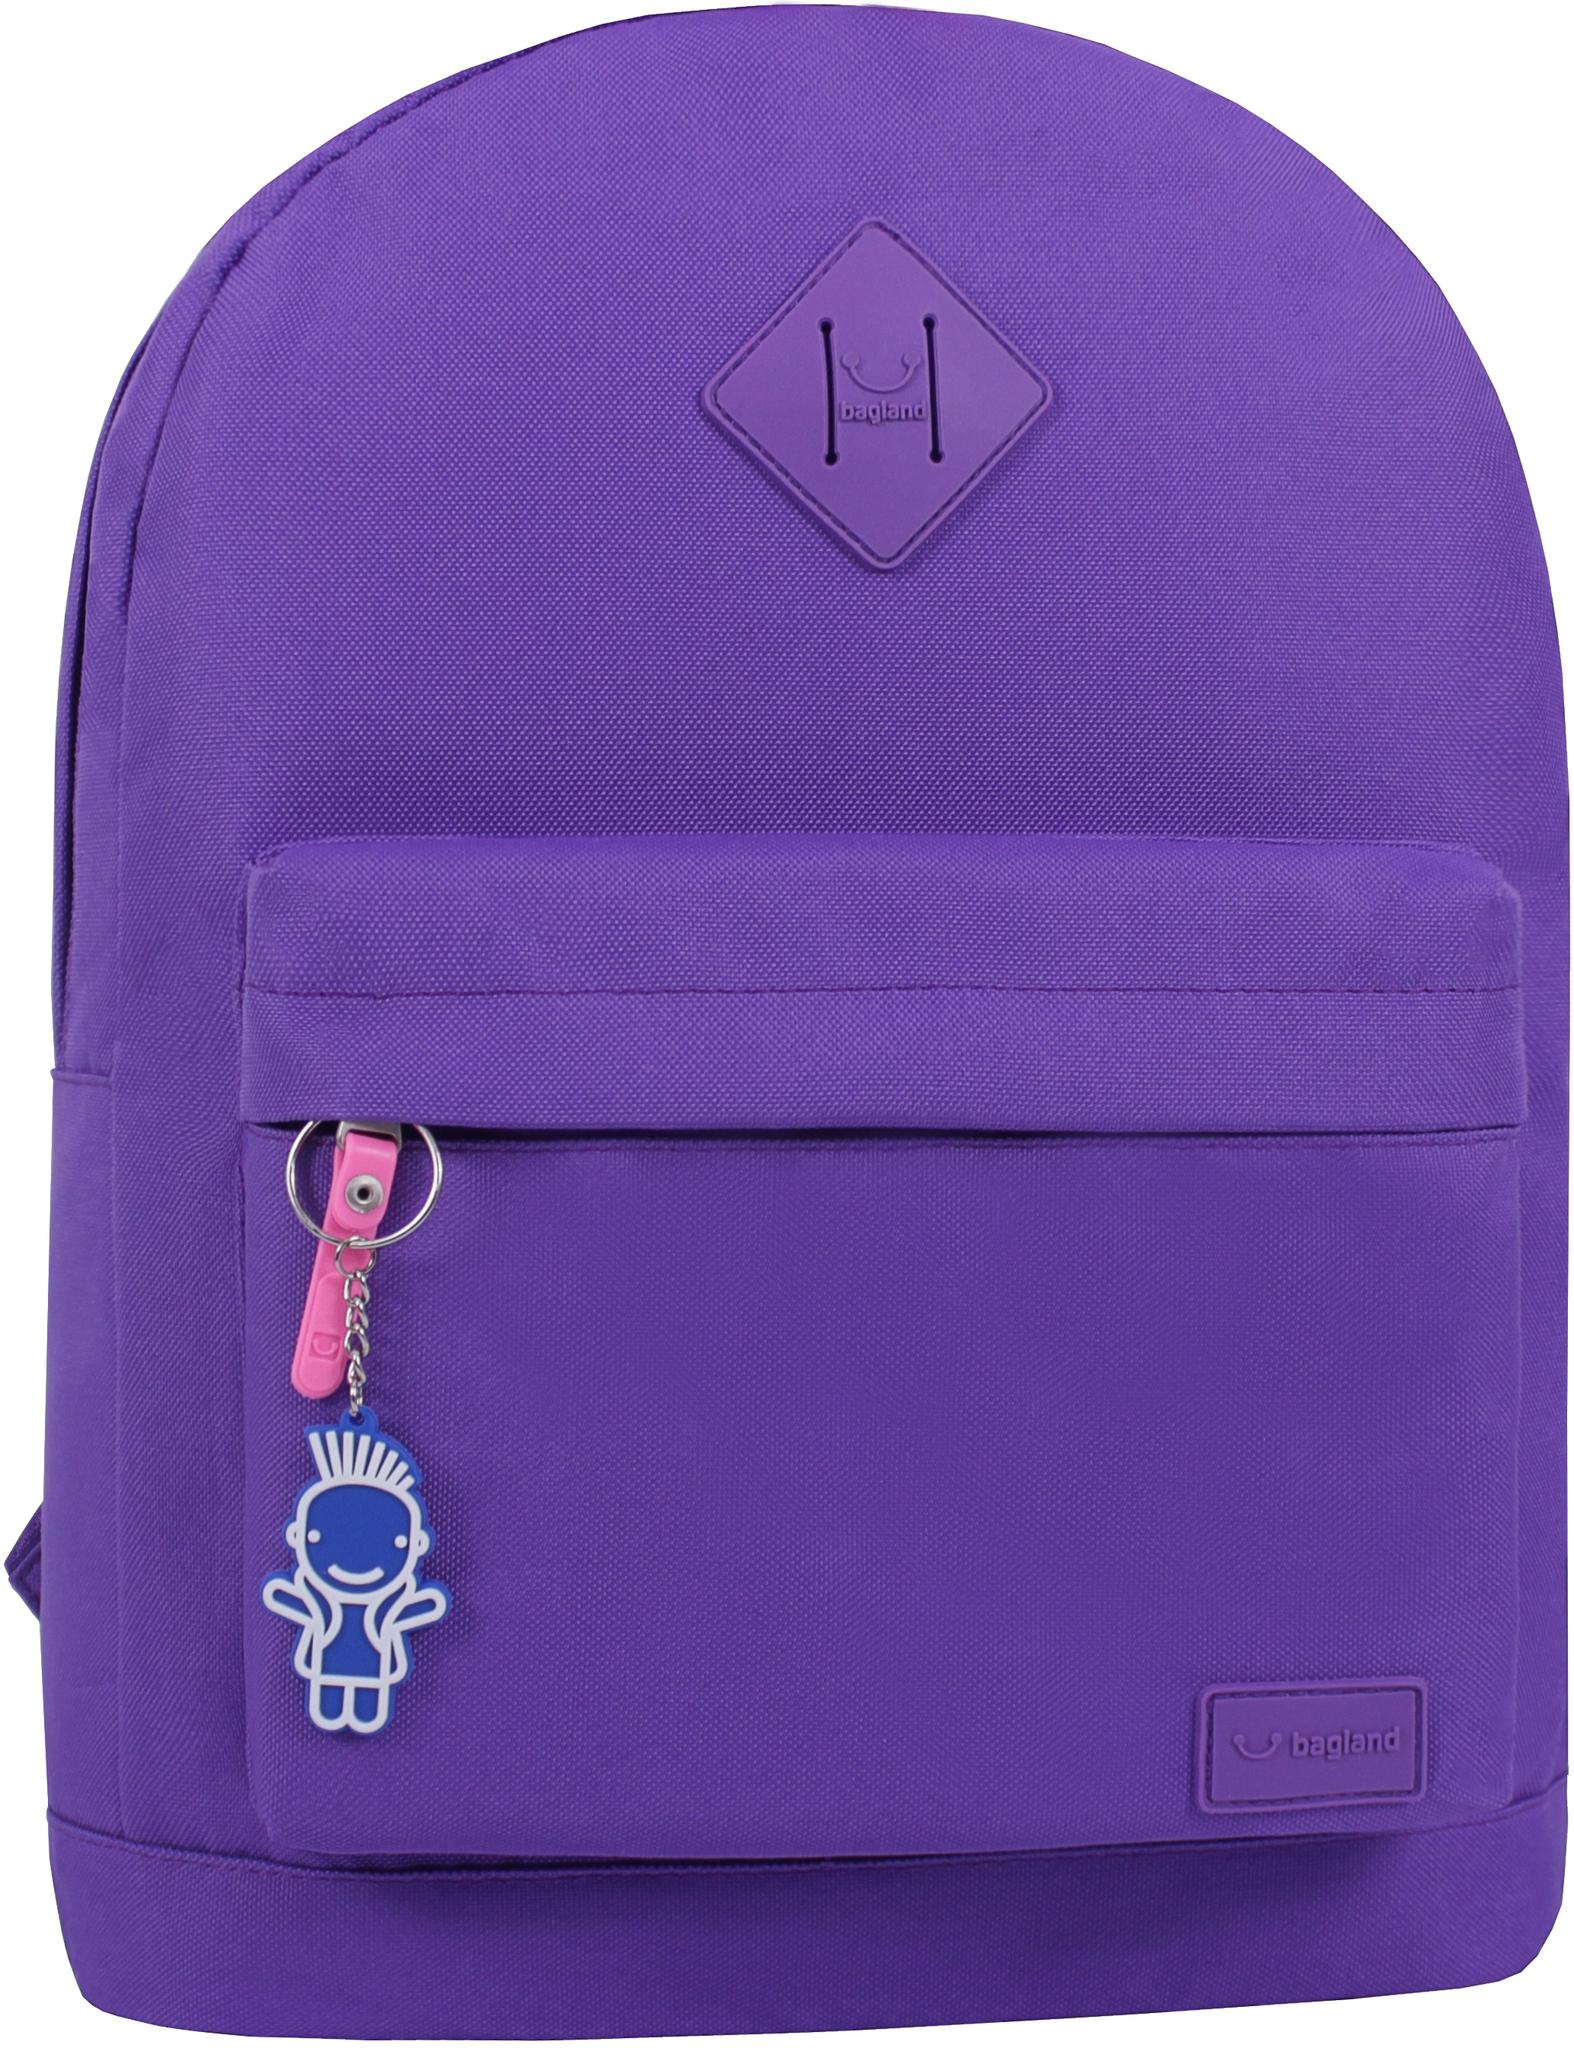 Городские рюкзаки Рюкзак Bagland Молодежный W/R 17 л. фиолетовый 339 (00533662) IMG_0782.JPG